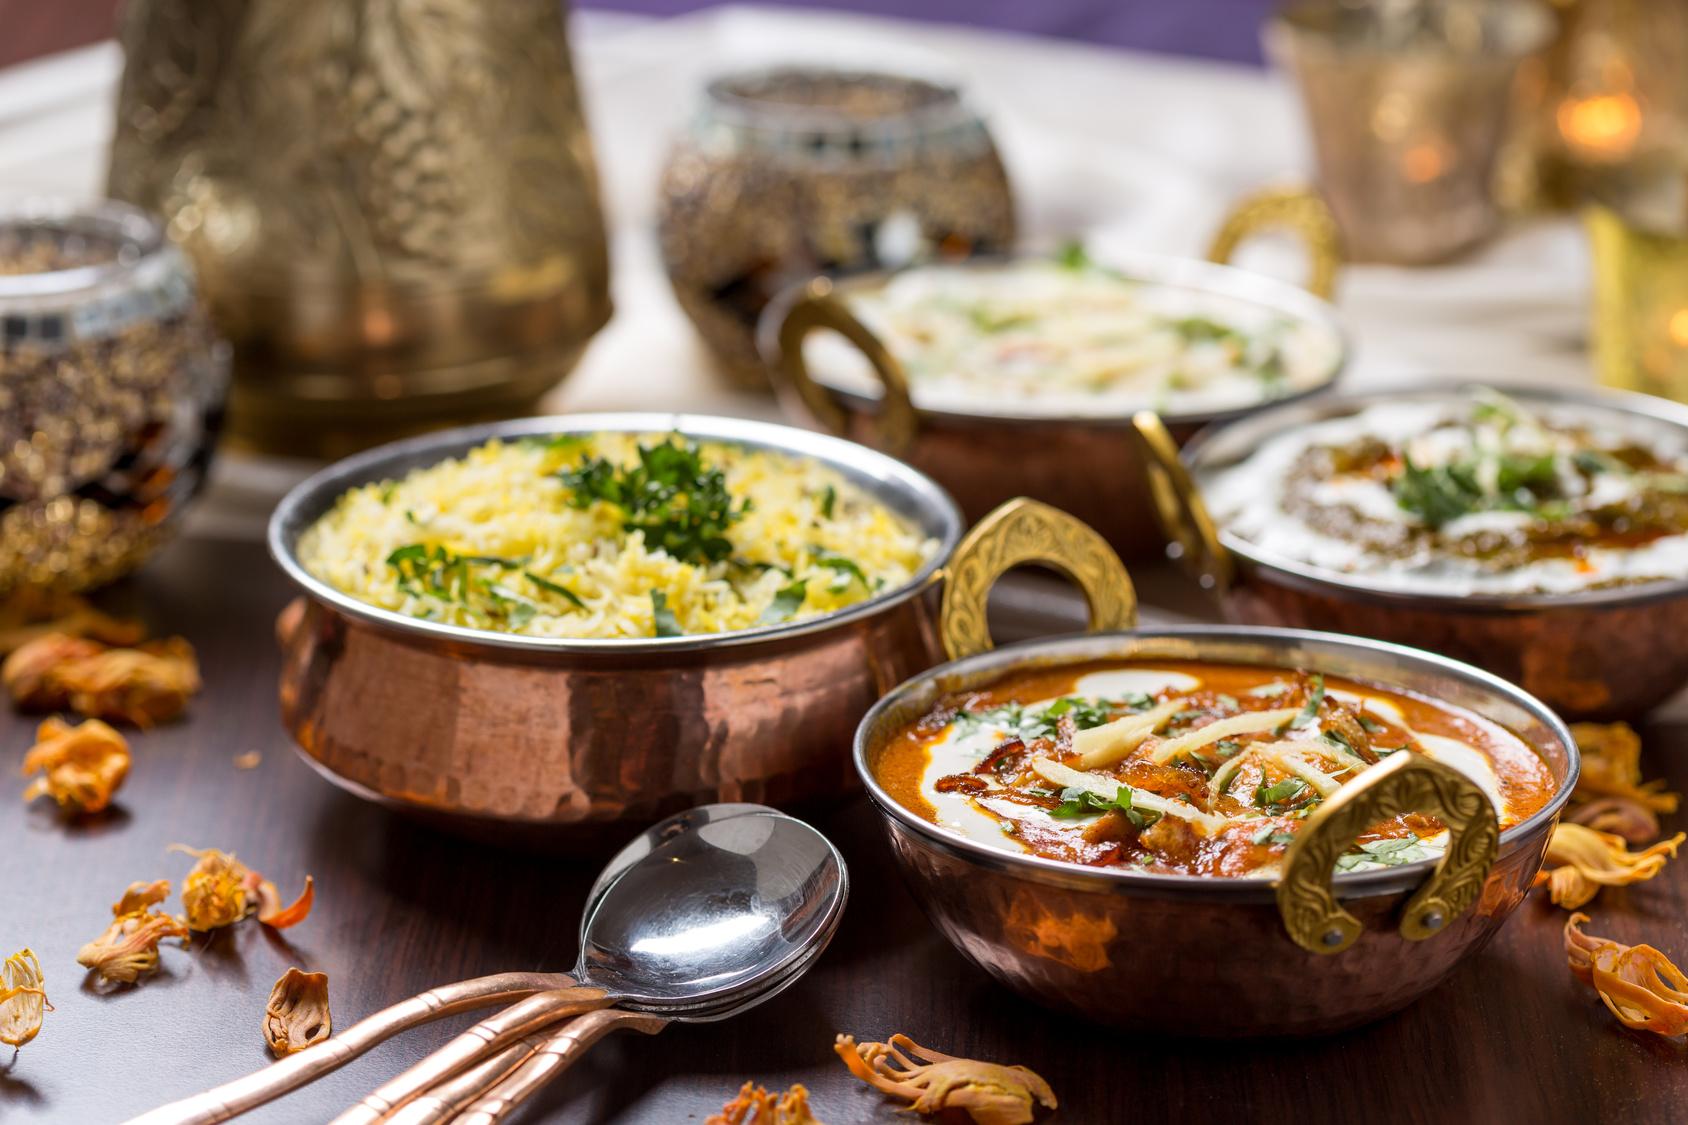 Keittiön erikoismenu 2-6 henkilölle Namaskaar Express Kampissa alk. vain 30€ (säästä jopa 54%)